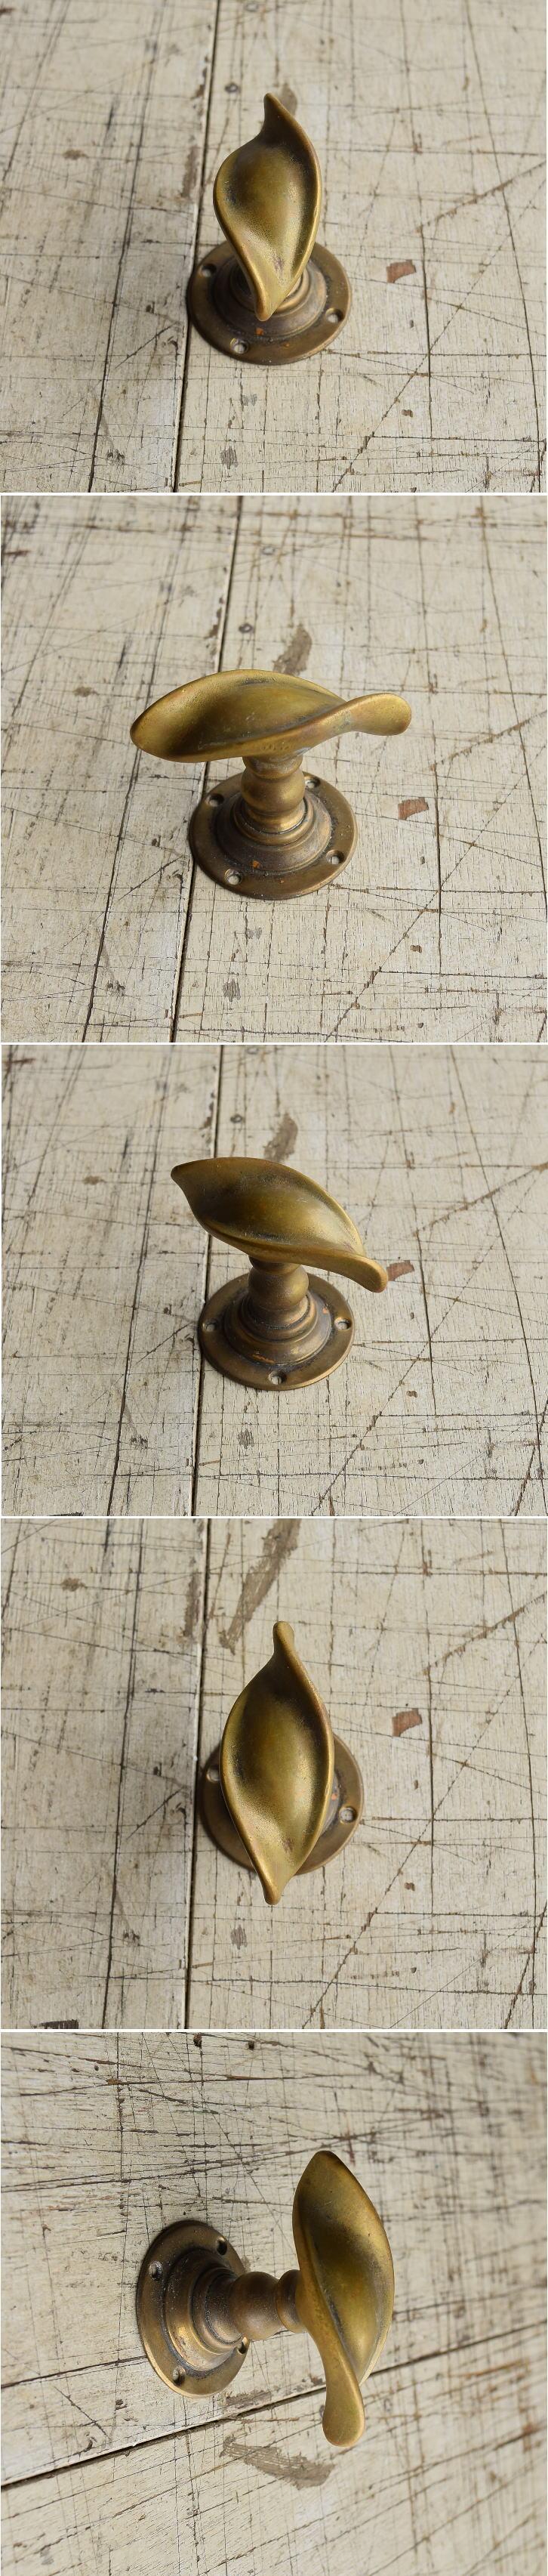 イギリス アンティーク 真鍮 ドアノブ 建具金物 握り玉 8747